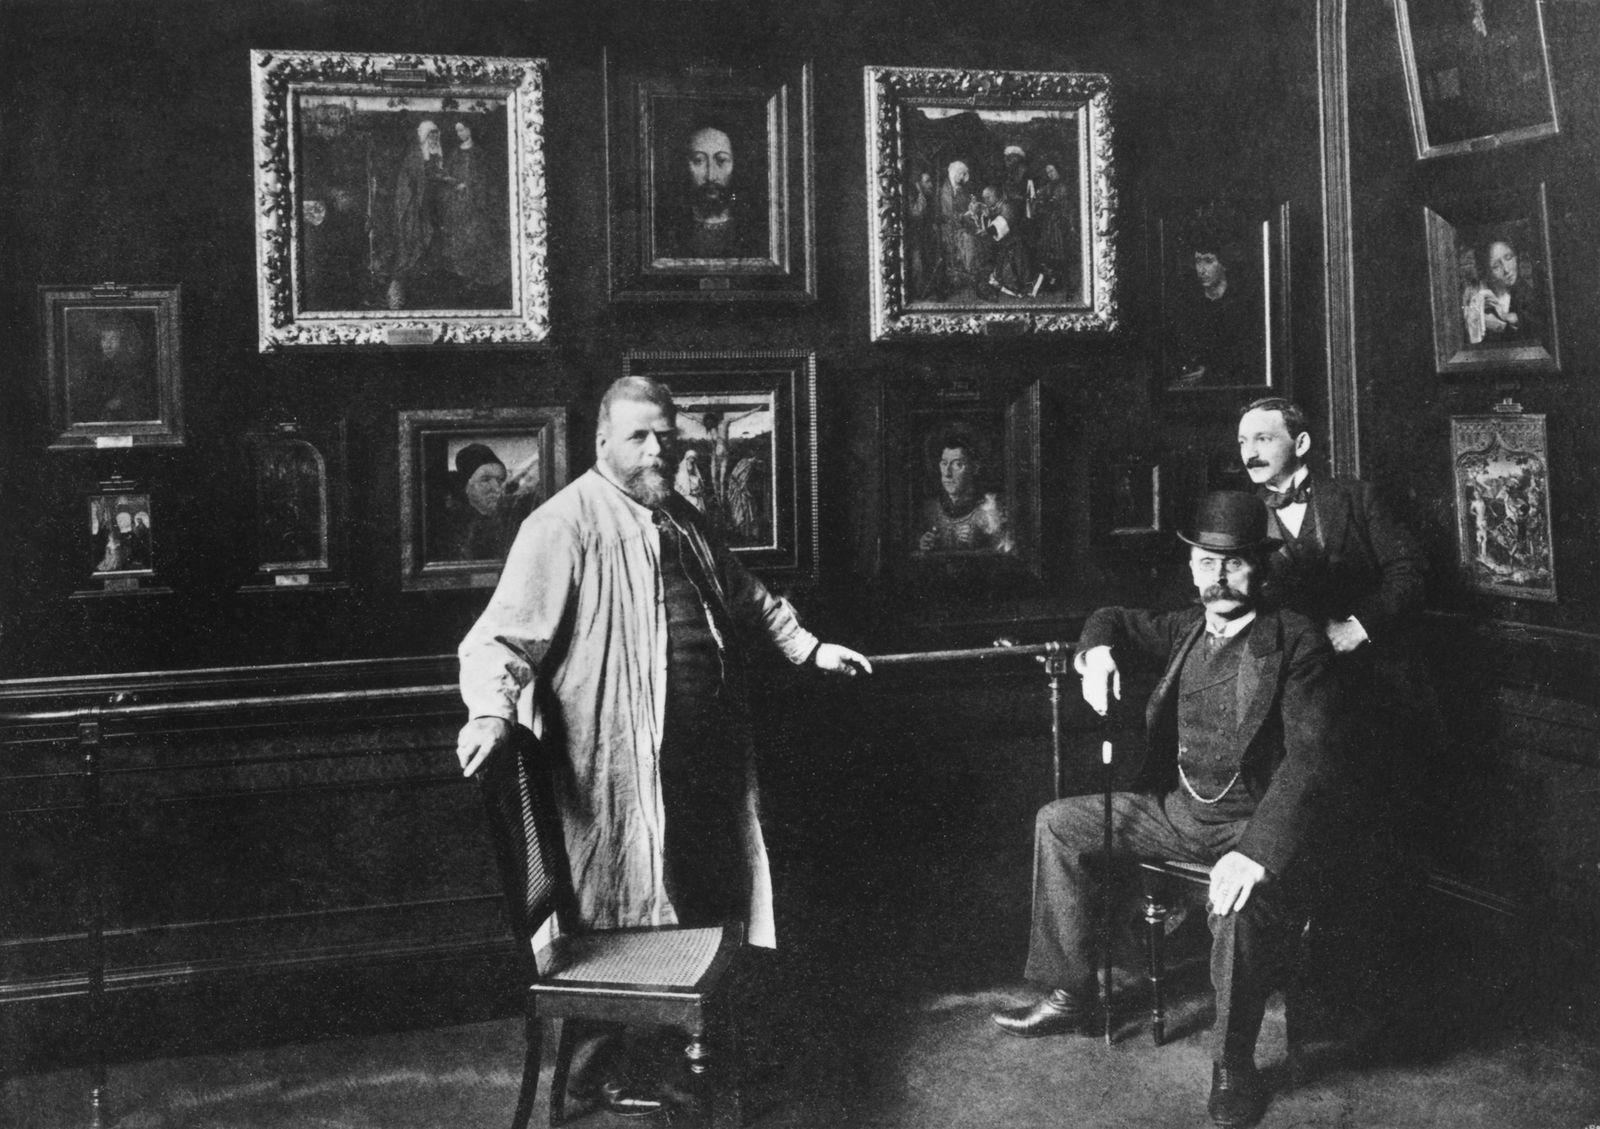 Wilhelm von Bode (sitzend) mit Aloys Hauser (links) und Max Friedländer in der Gemäldegalerie im Alten Museum (um 1900). Copyright: bpk / Zentralarchiv, Staatliche Museen zu Berlin